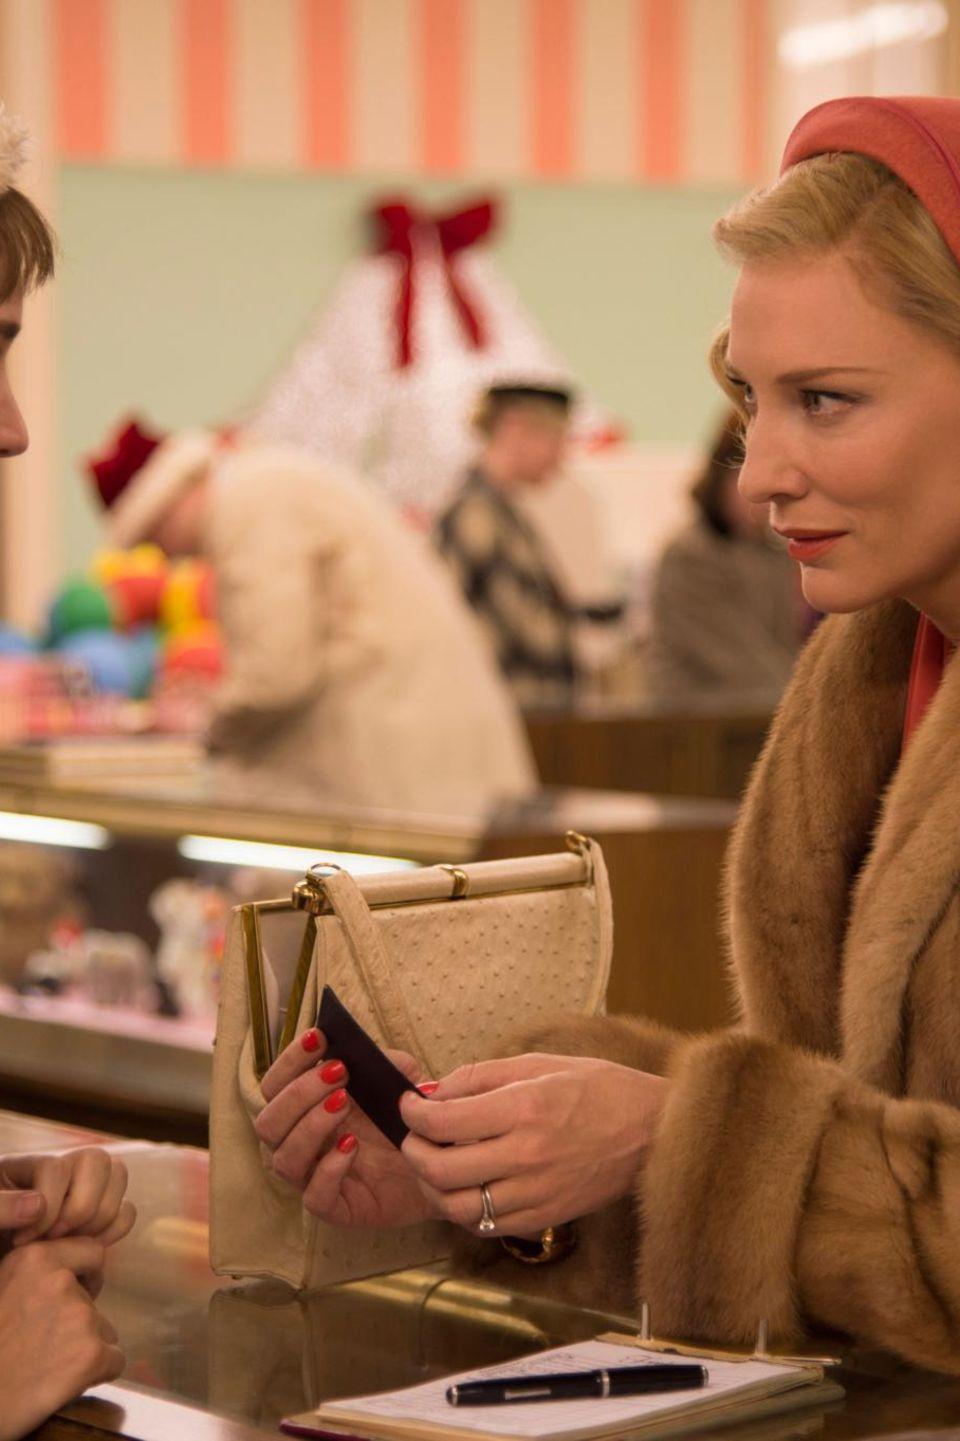 """Rooney Mara und Cate Blanchett sind die beiden preisverdächtigen (und Golden-Globe-nominierten) Hauptdarstellerinnen in dem Film """"Carol"""" - hier das erste Aufeinandertreffen, als die eine der anderen eine Spielzeugeisenbahn abkauft."""